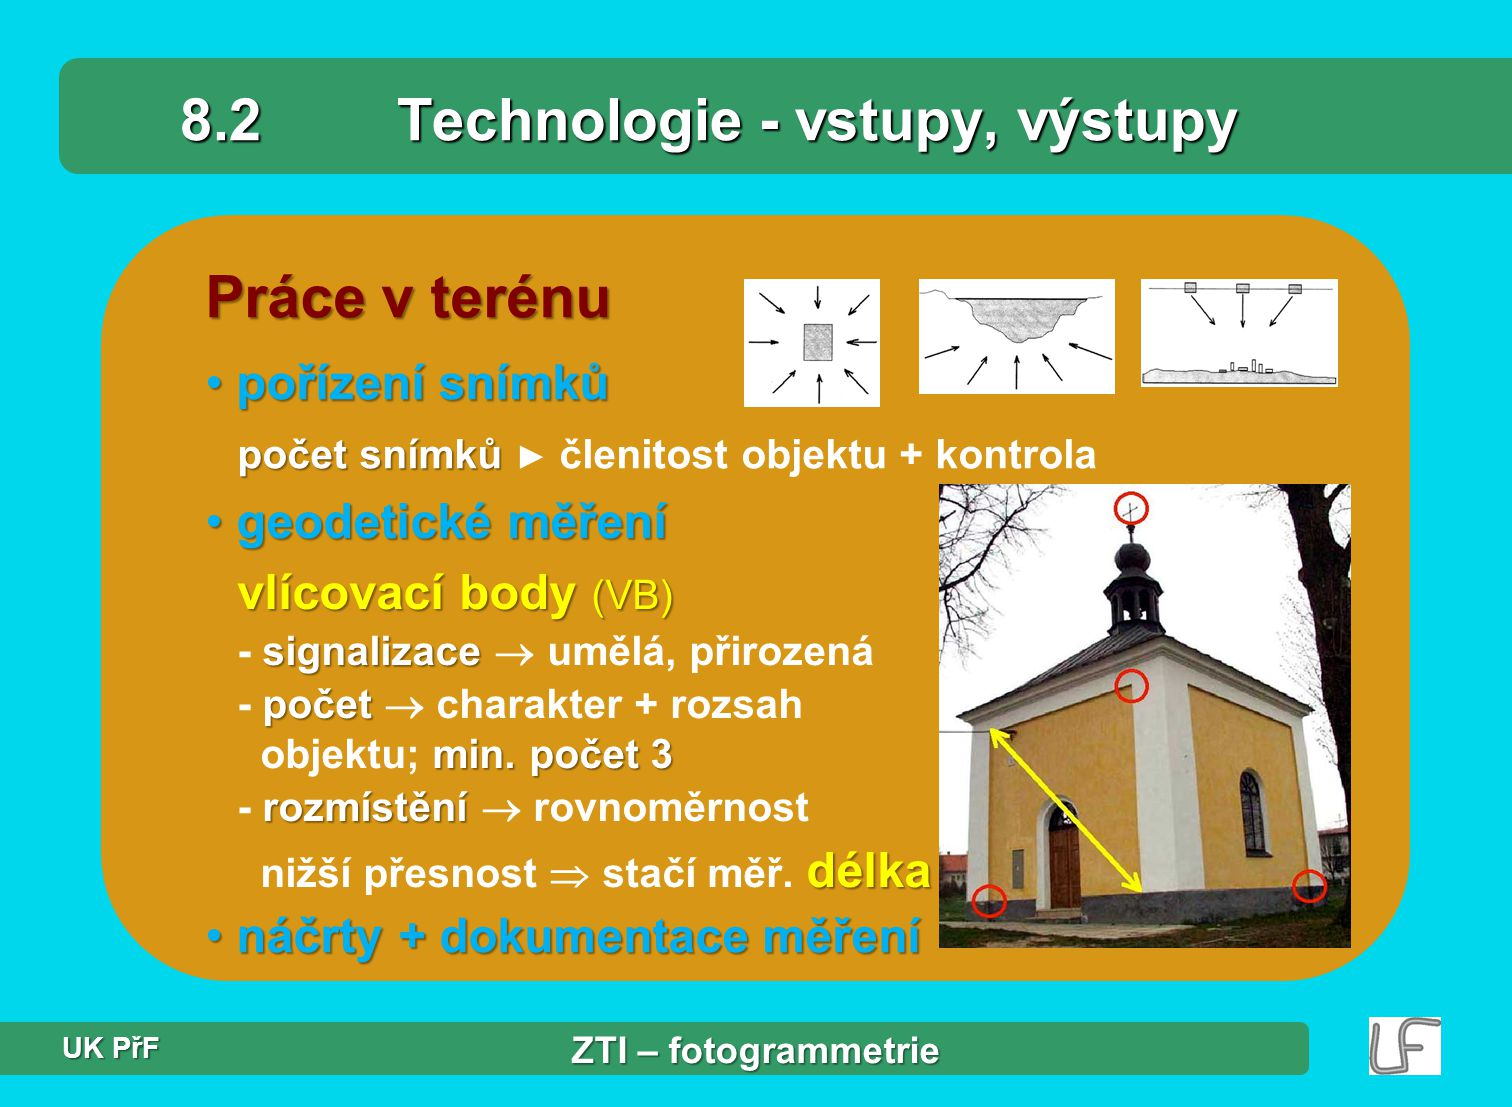 8.2 Technologie - vstupy, výstupy